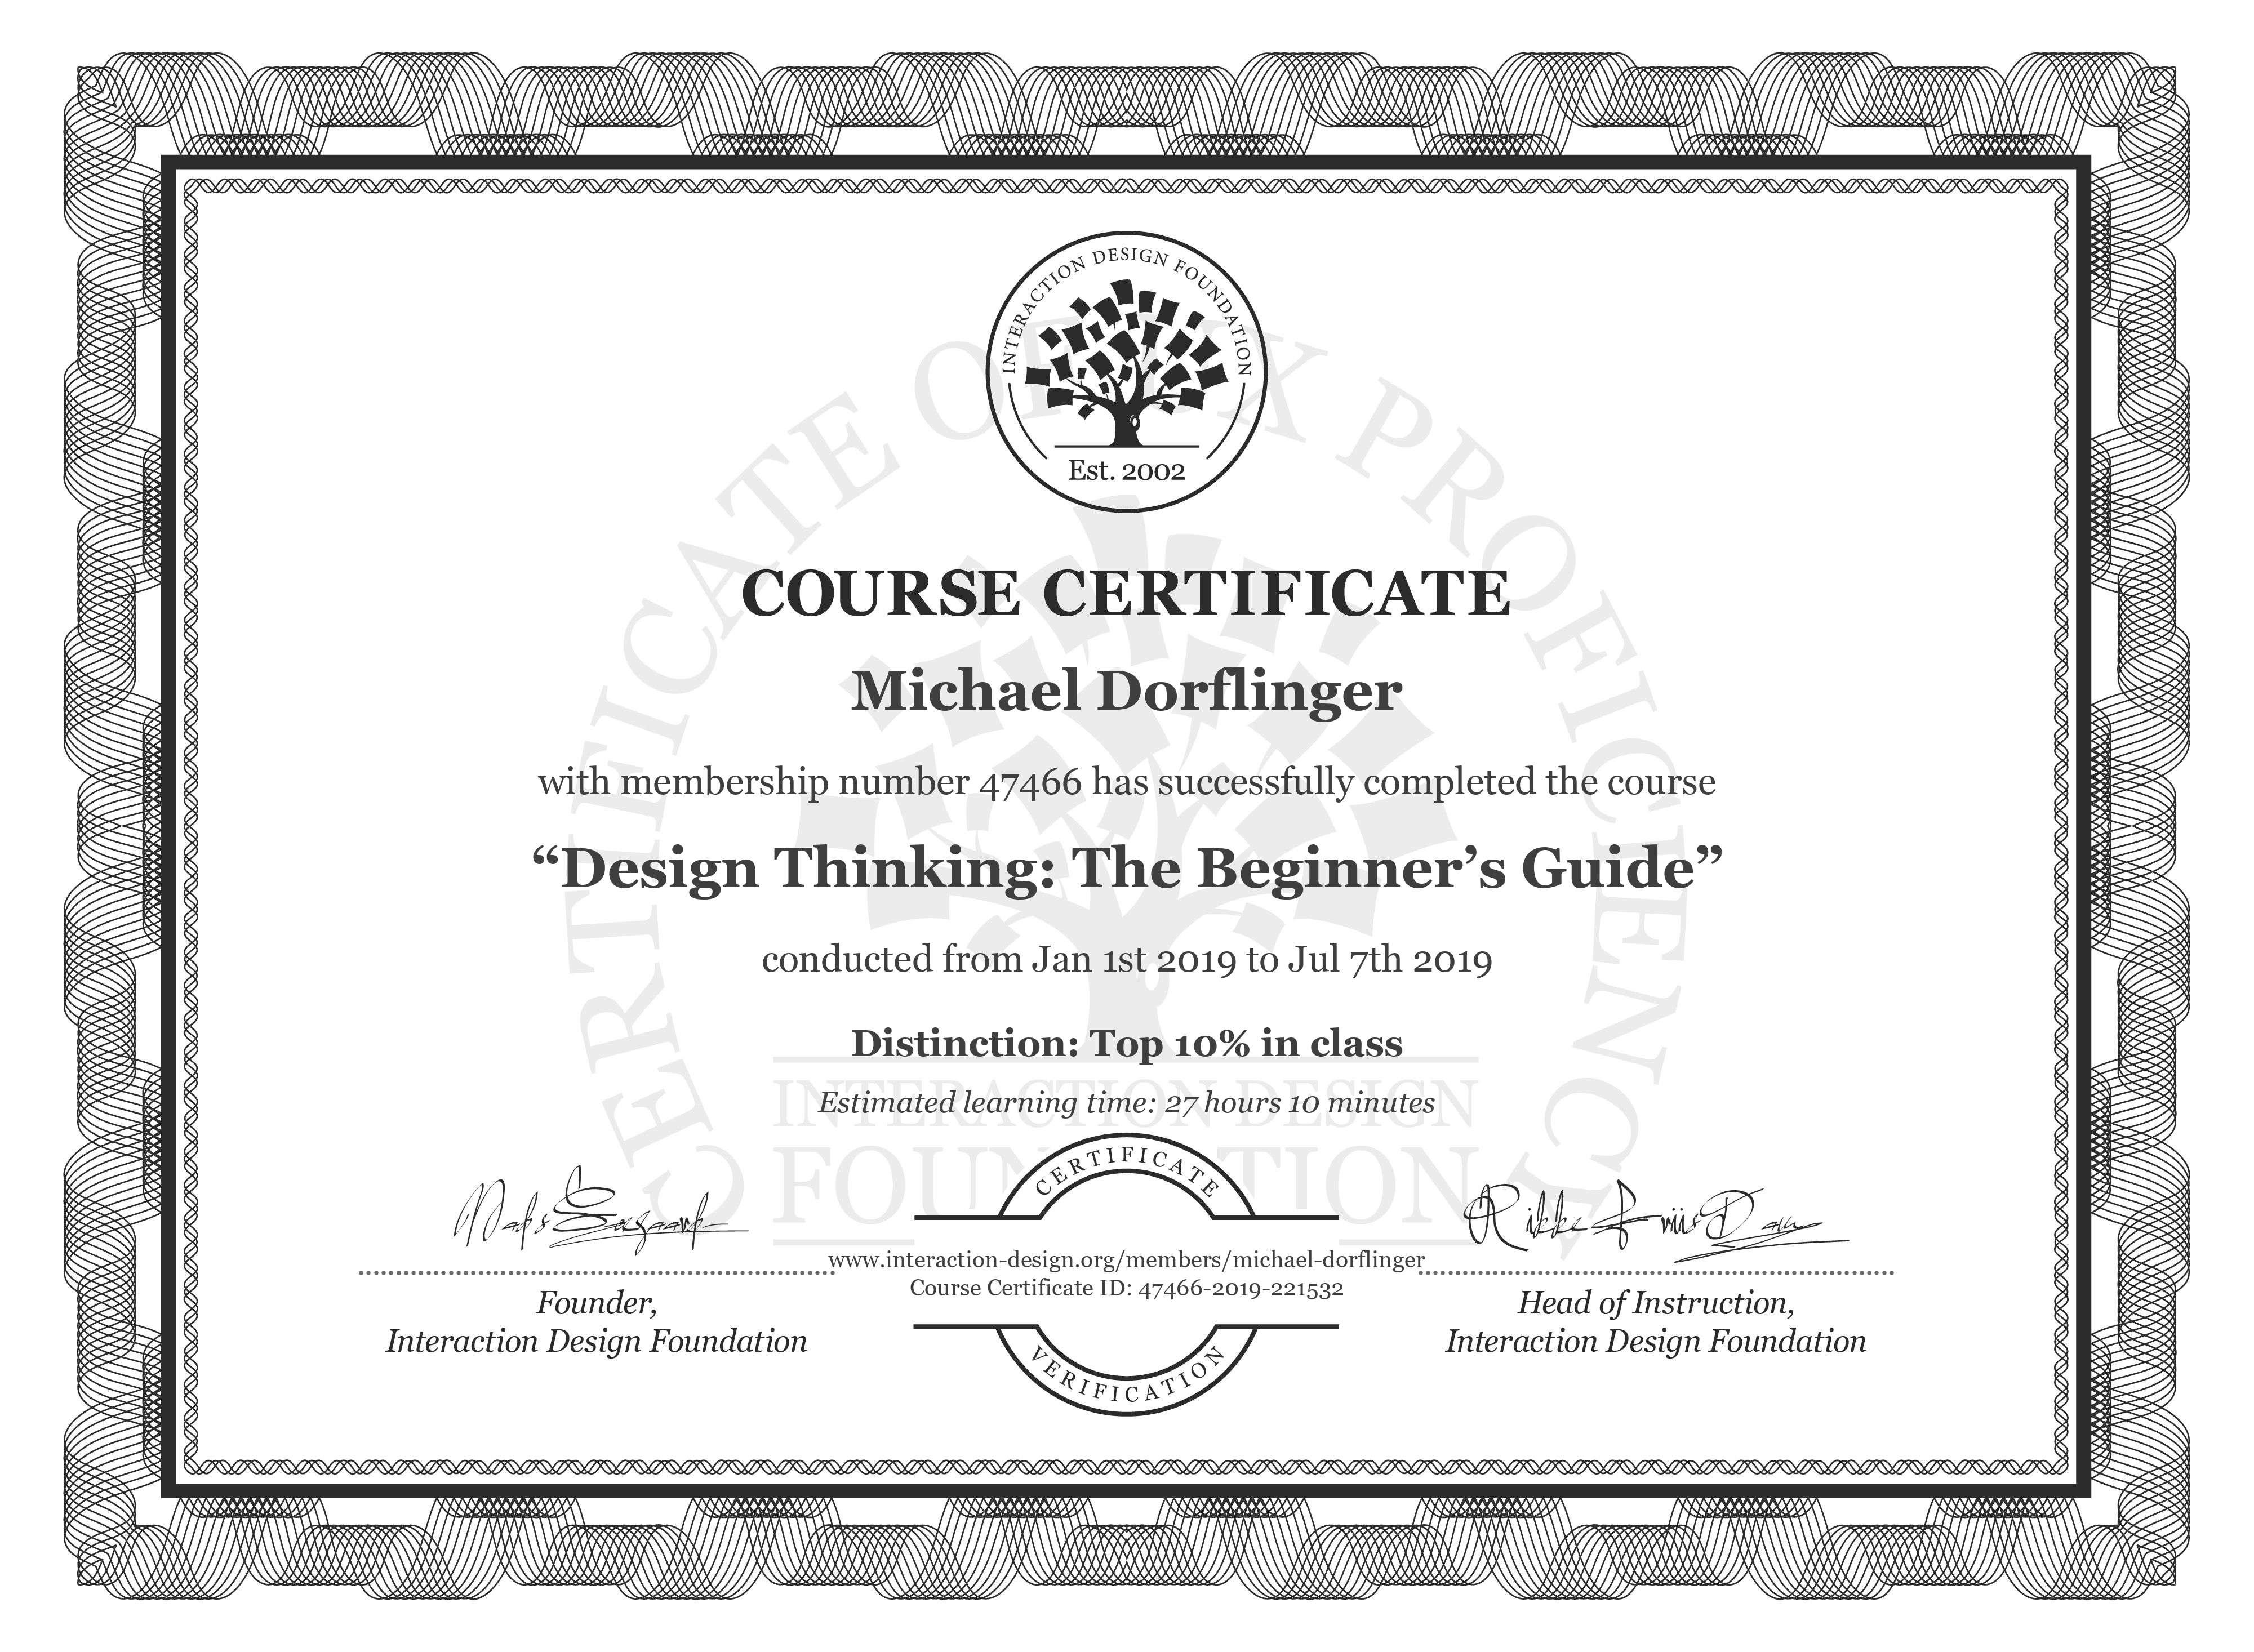 Michael Dörflinger's Course Certificate: Design Thinking: The Beginner's Guide